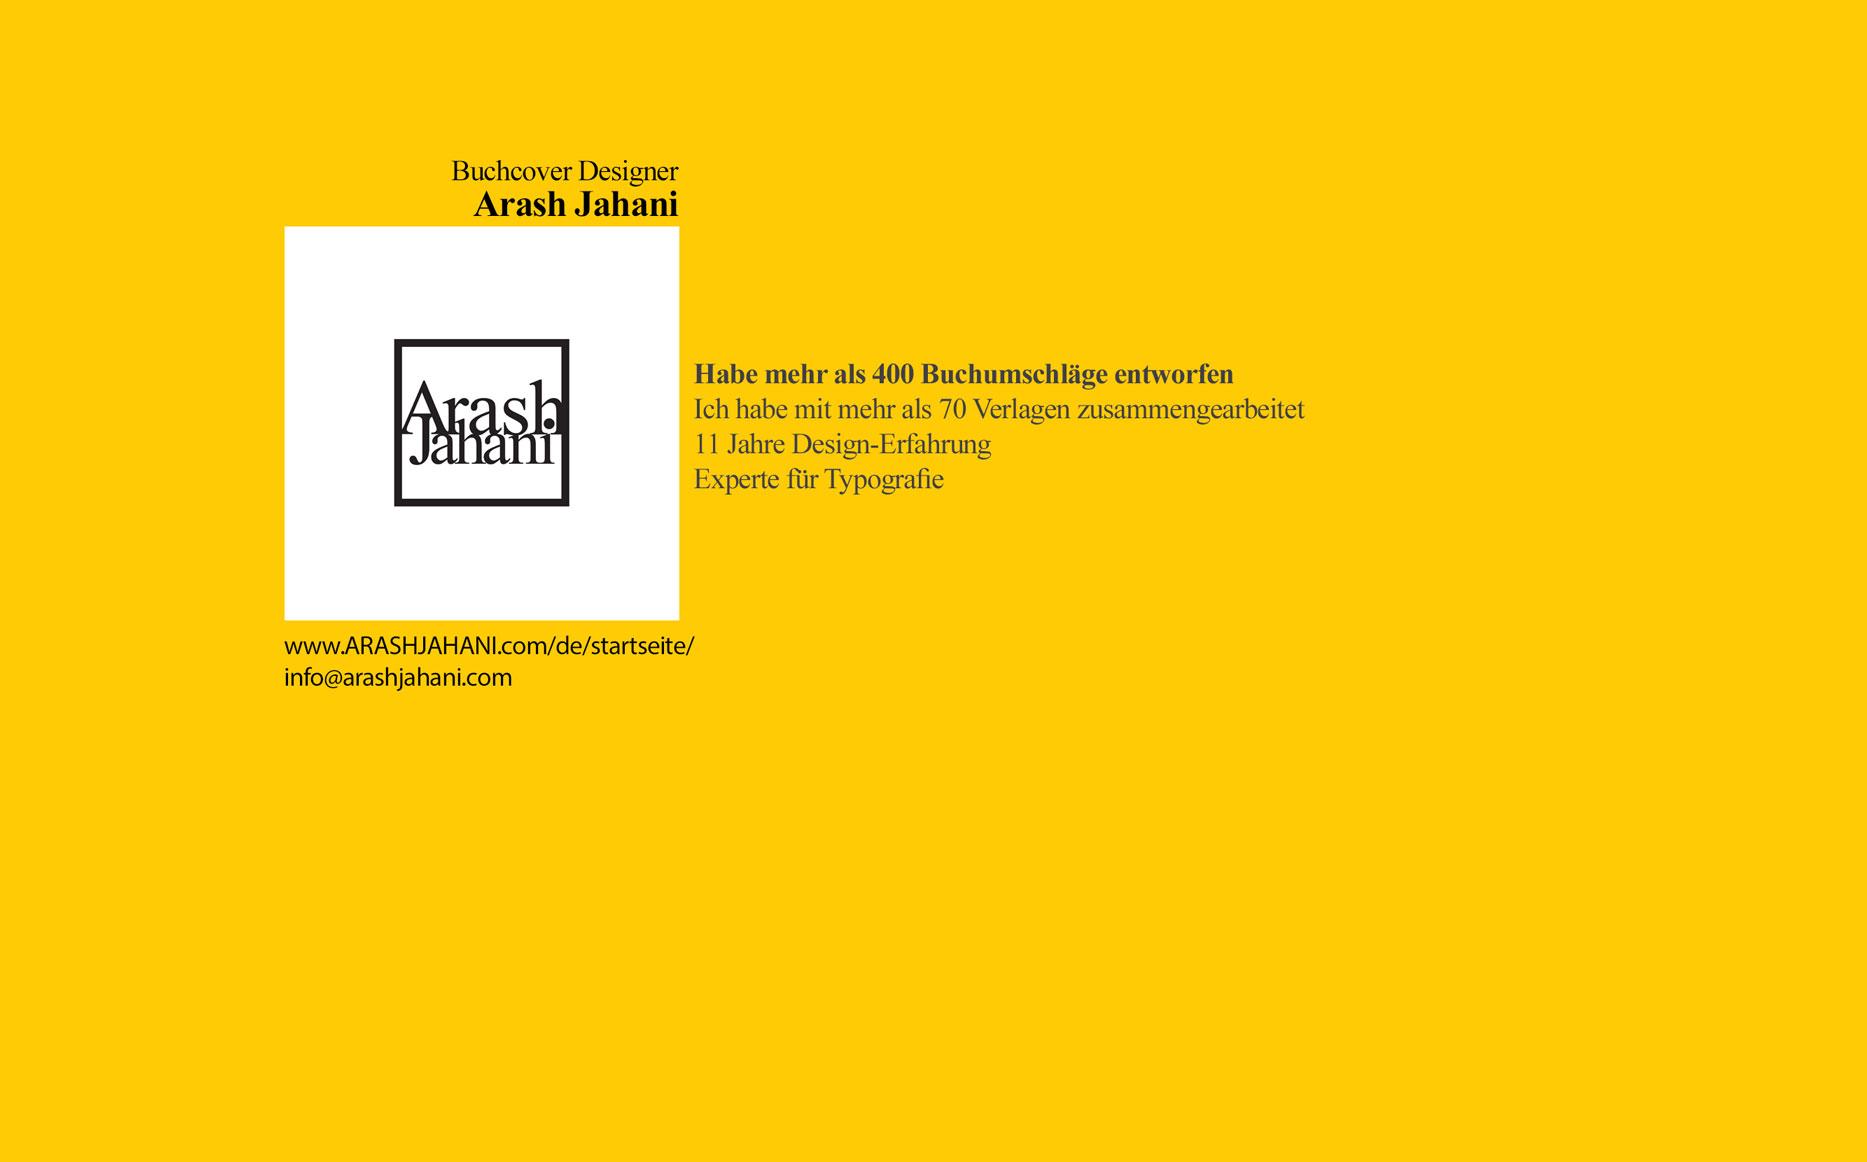 Buchcover designer